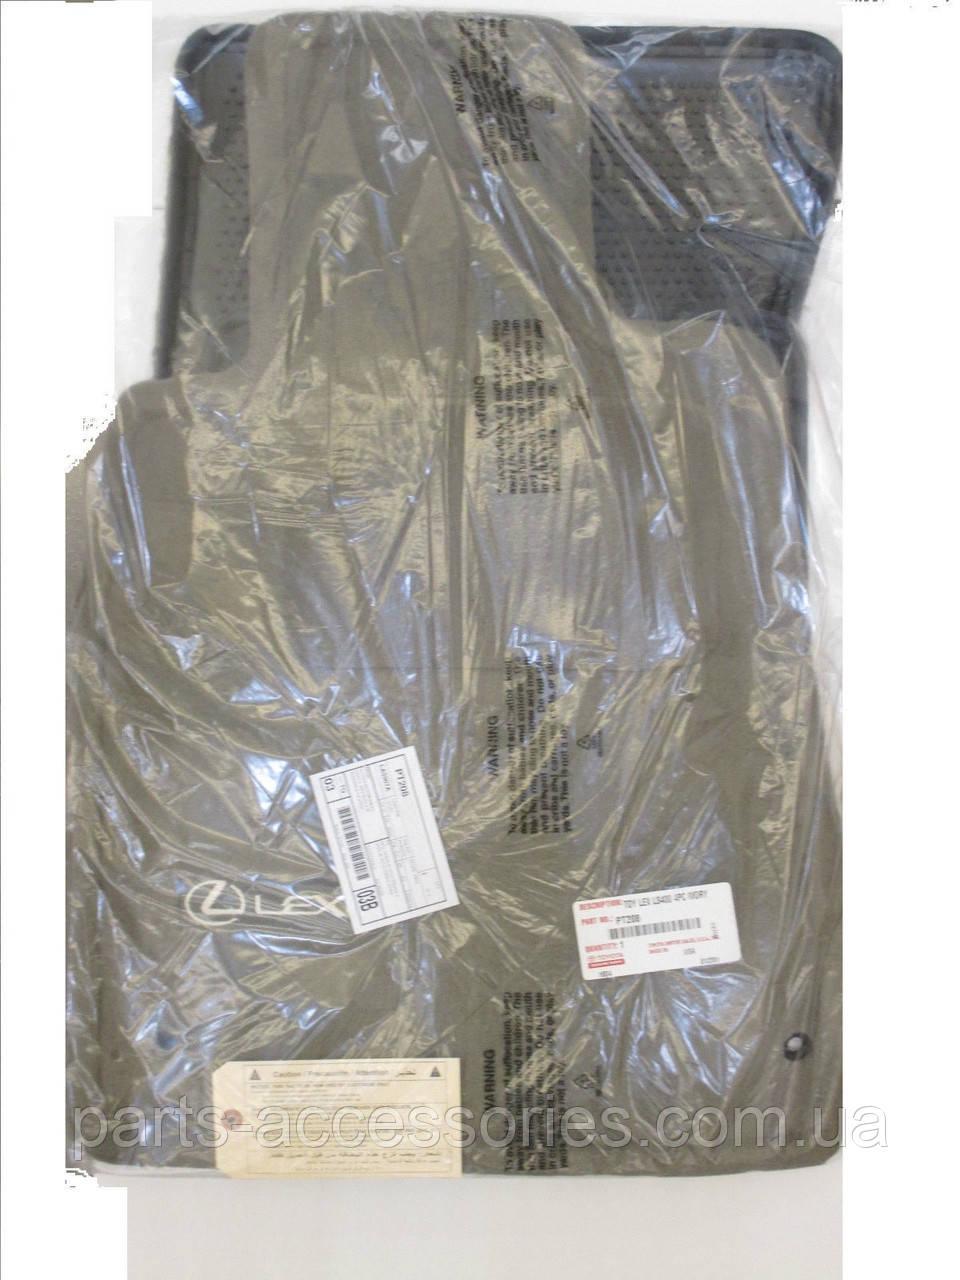 Lexus LS400 рестайлінг 1997-2000 велюрові килимки передні задні слонова кістка нові оригінальні